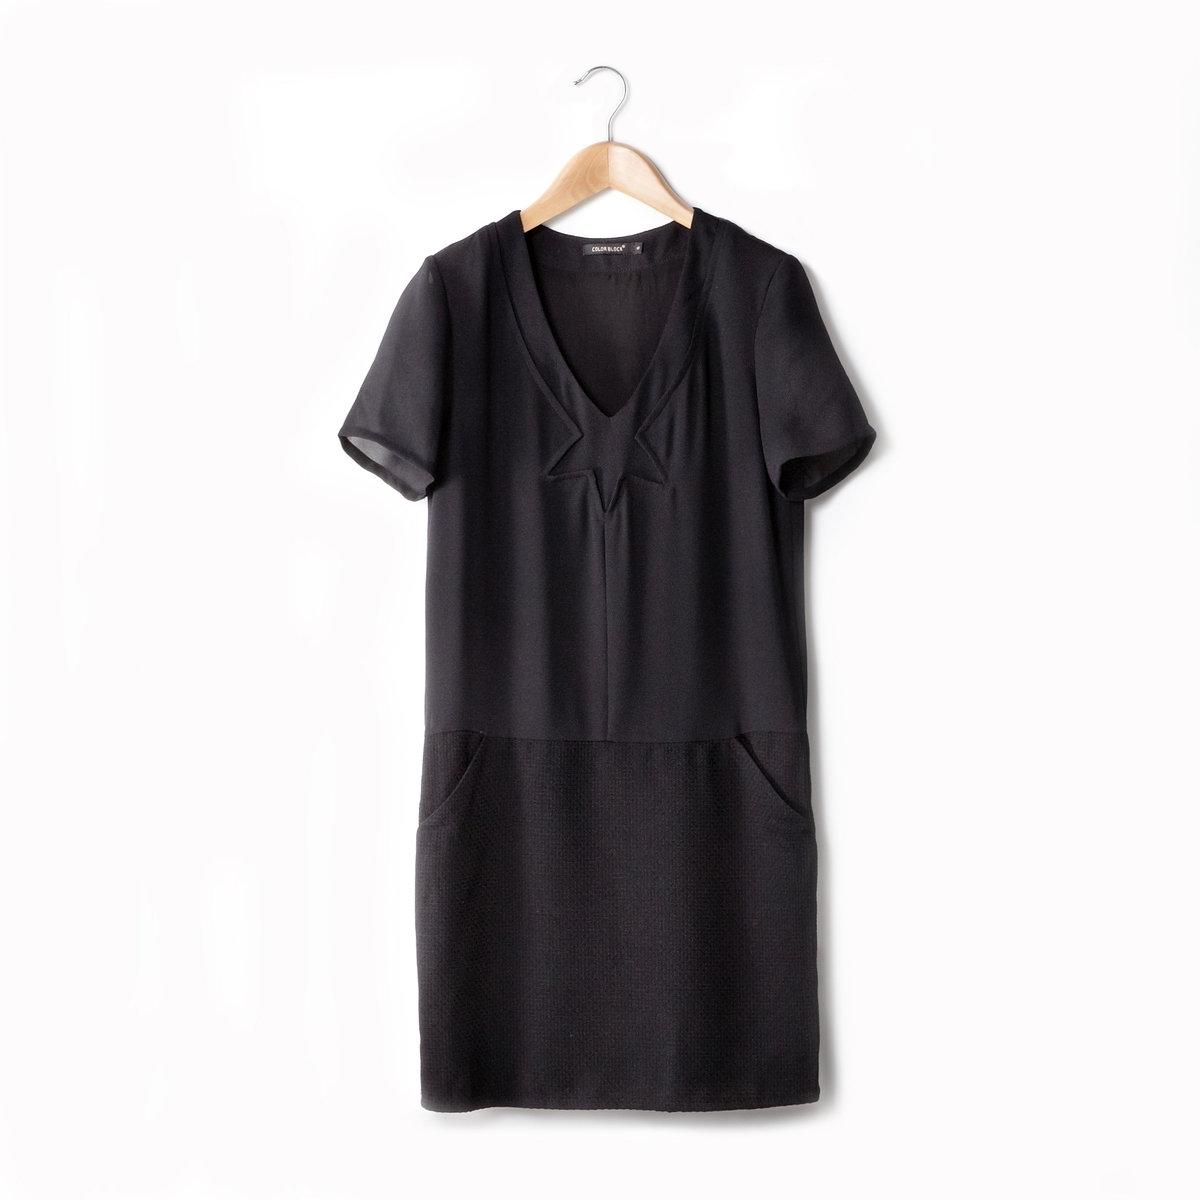 Платье из двух материалов с короткими рукавамиВНИМАНИЕ! Платье цвета белый/розовый по факту однотонное, целиком розового цвета.<br><br>Цвет: черный<br>Размер: S.M